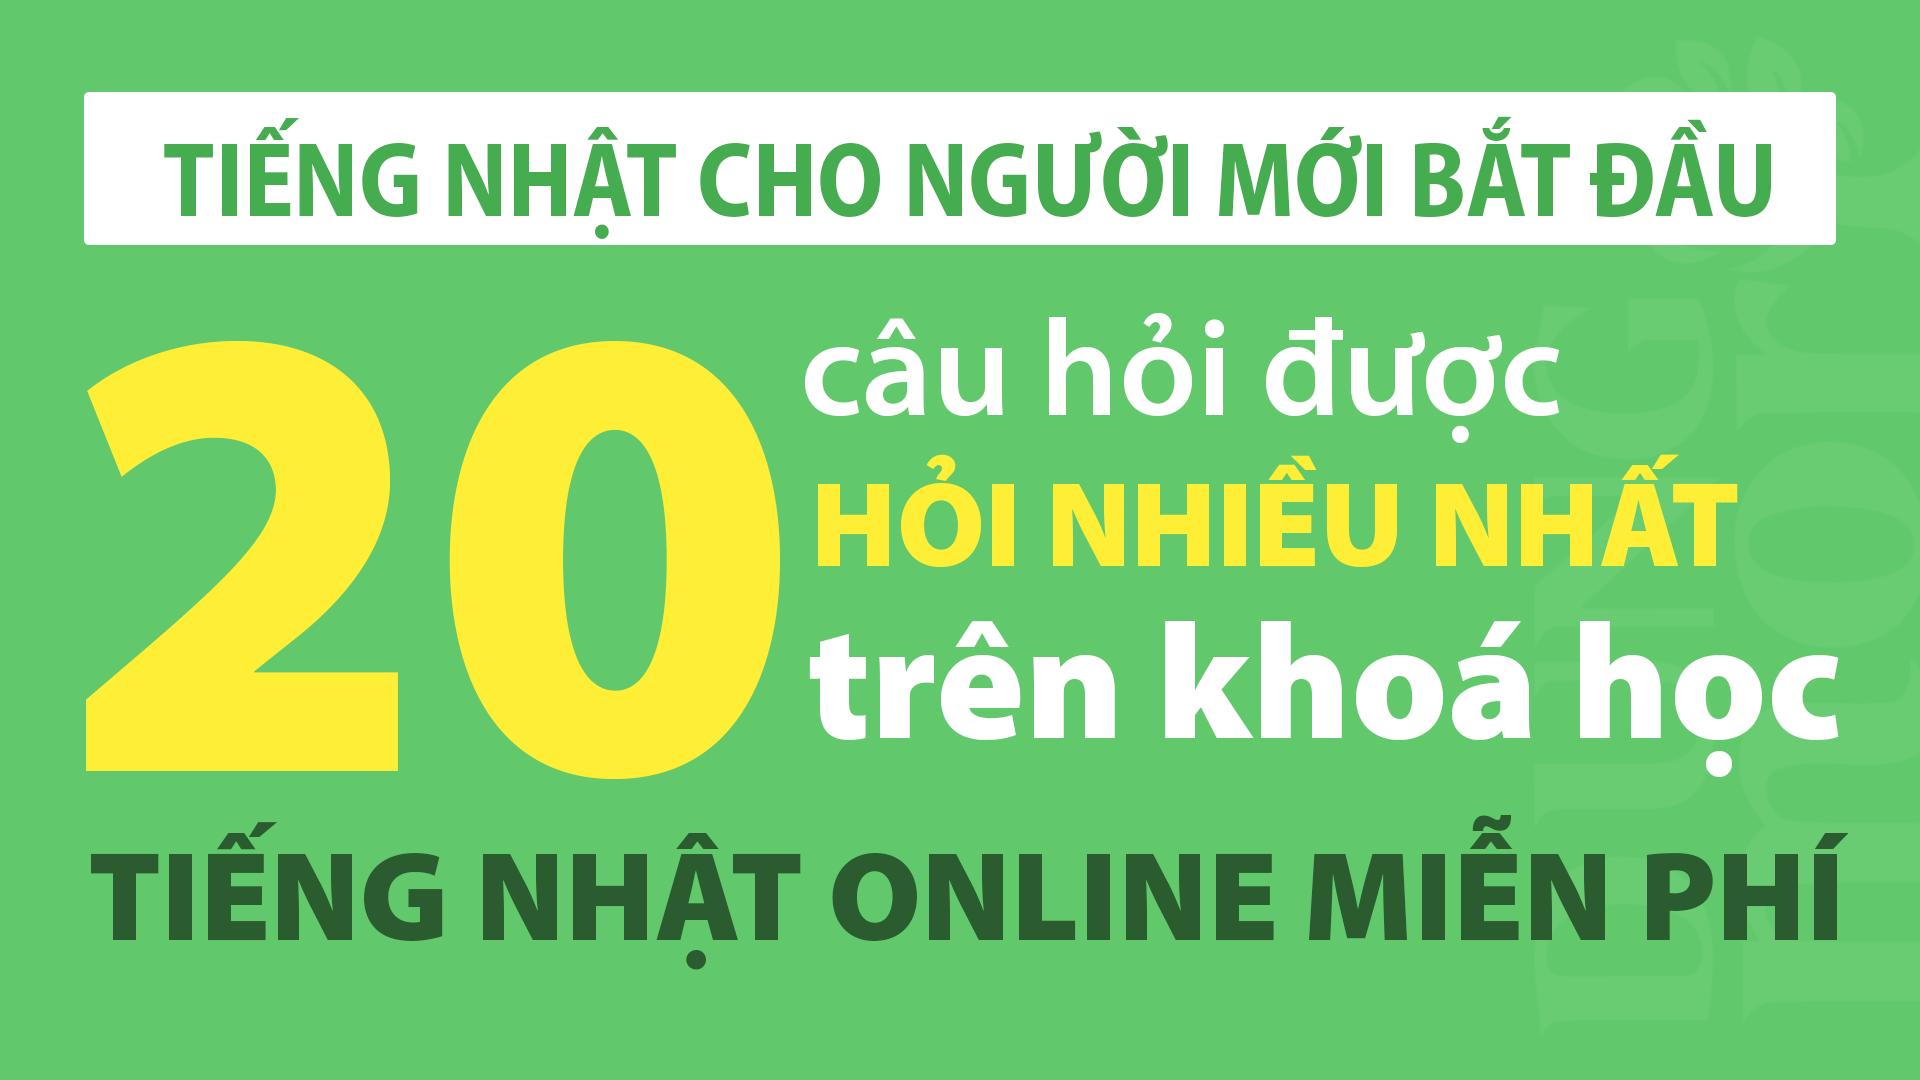 TIẾNG NHẬT CHO NGƯỜI MỚI BẮT ĐẦU :  20 câu hỏi ĐƯỢC HỎI NHIỀU NHẤT trên khóa học tiếng Nhật online miễn phí